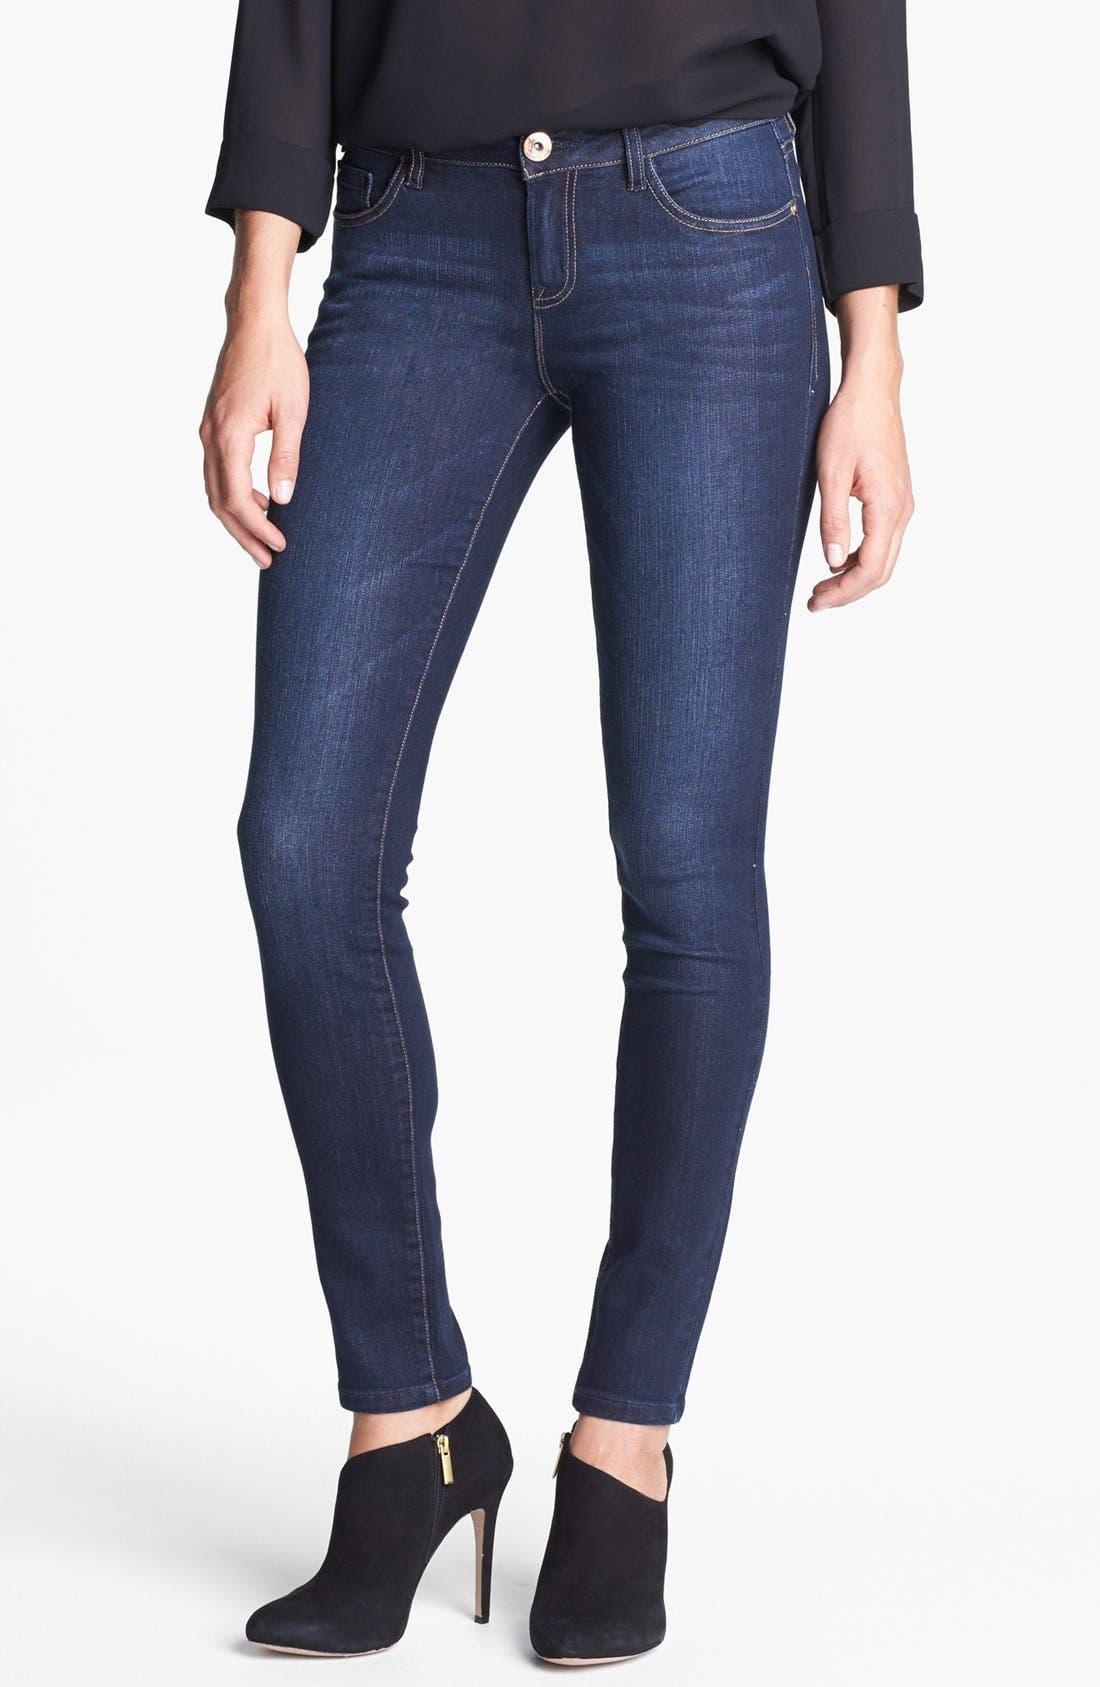 Main Image - kensie Skinny Jeans (Starry Eyed)